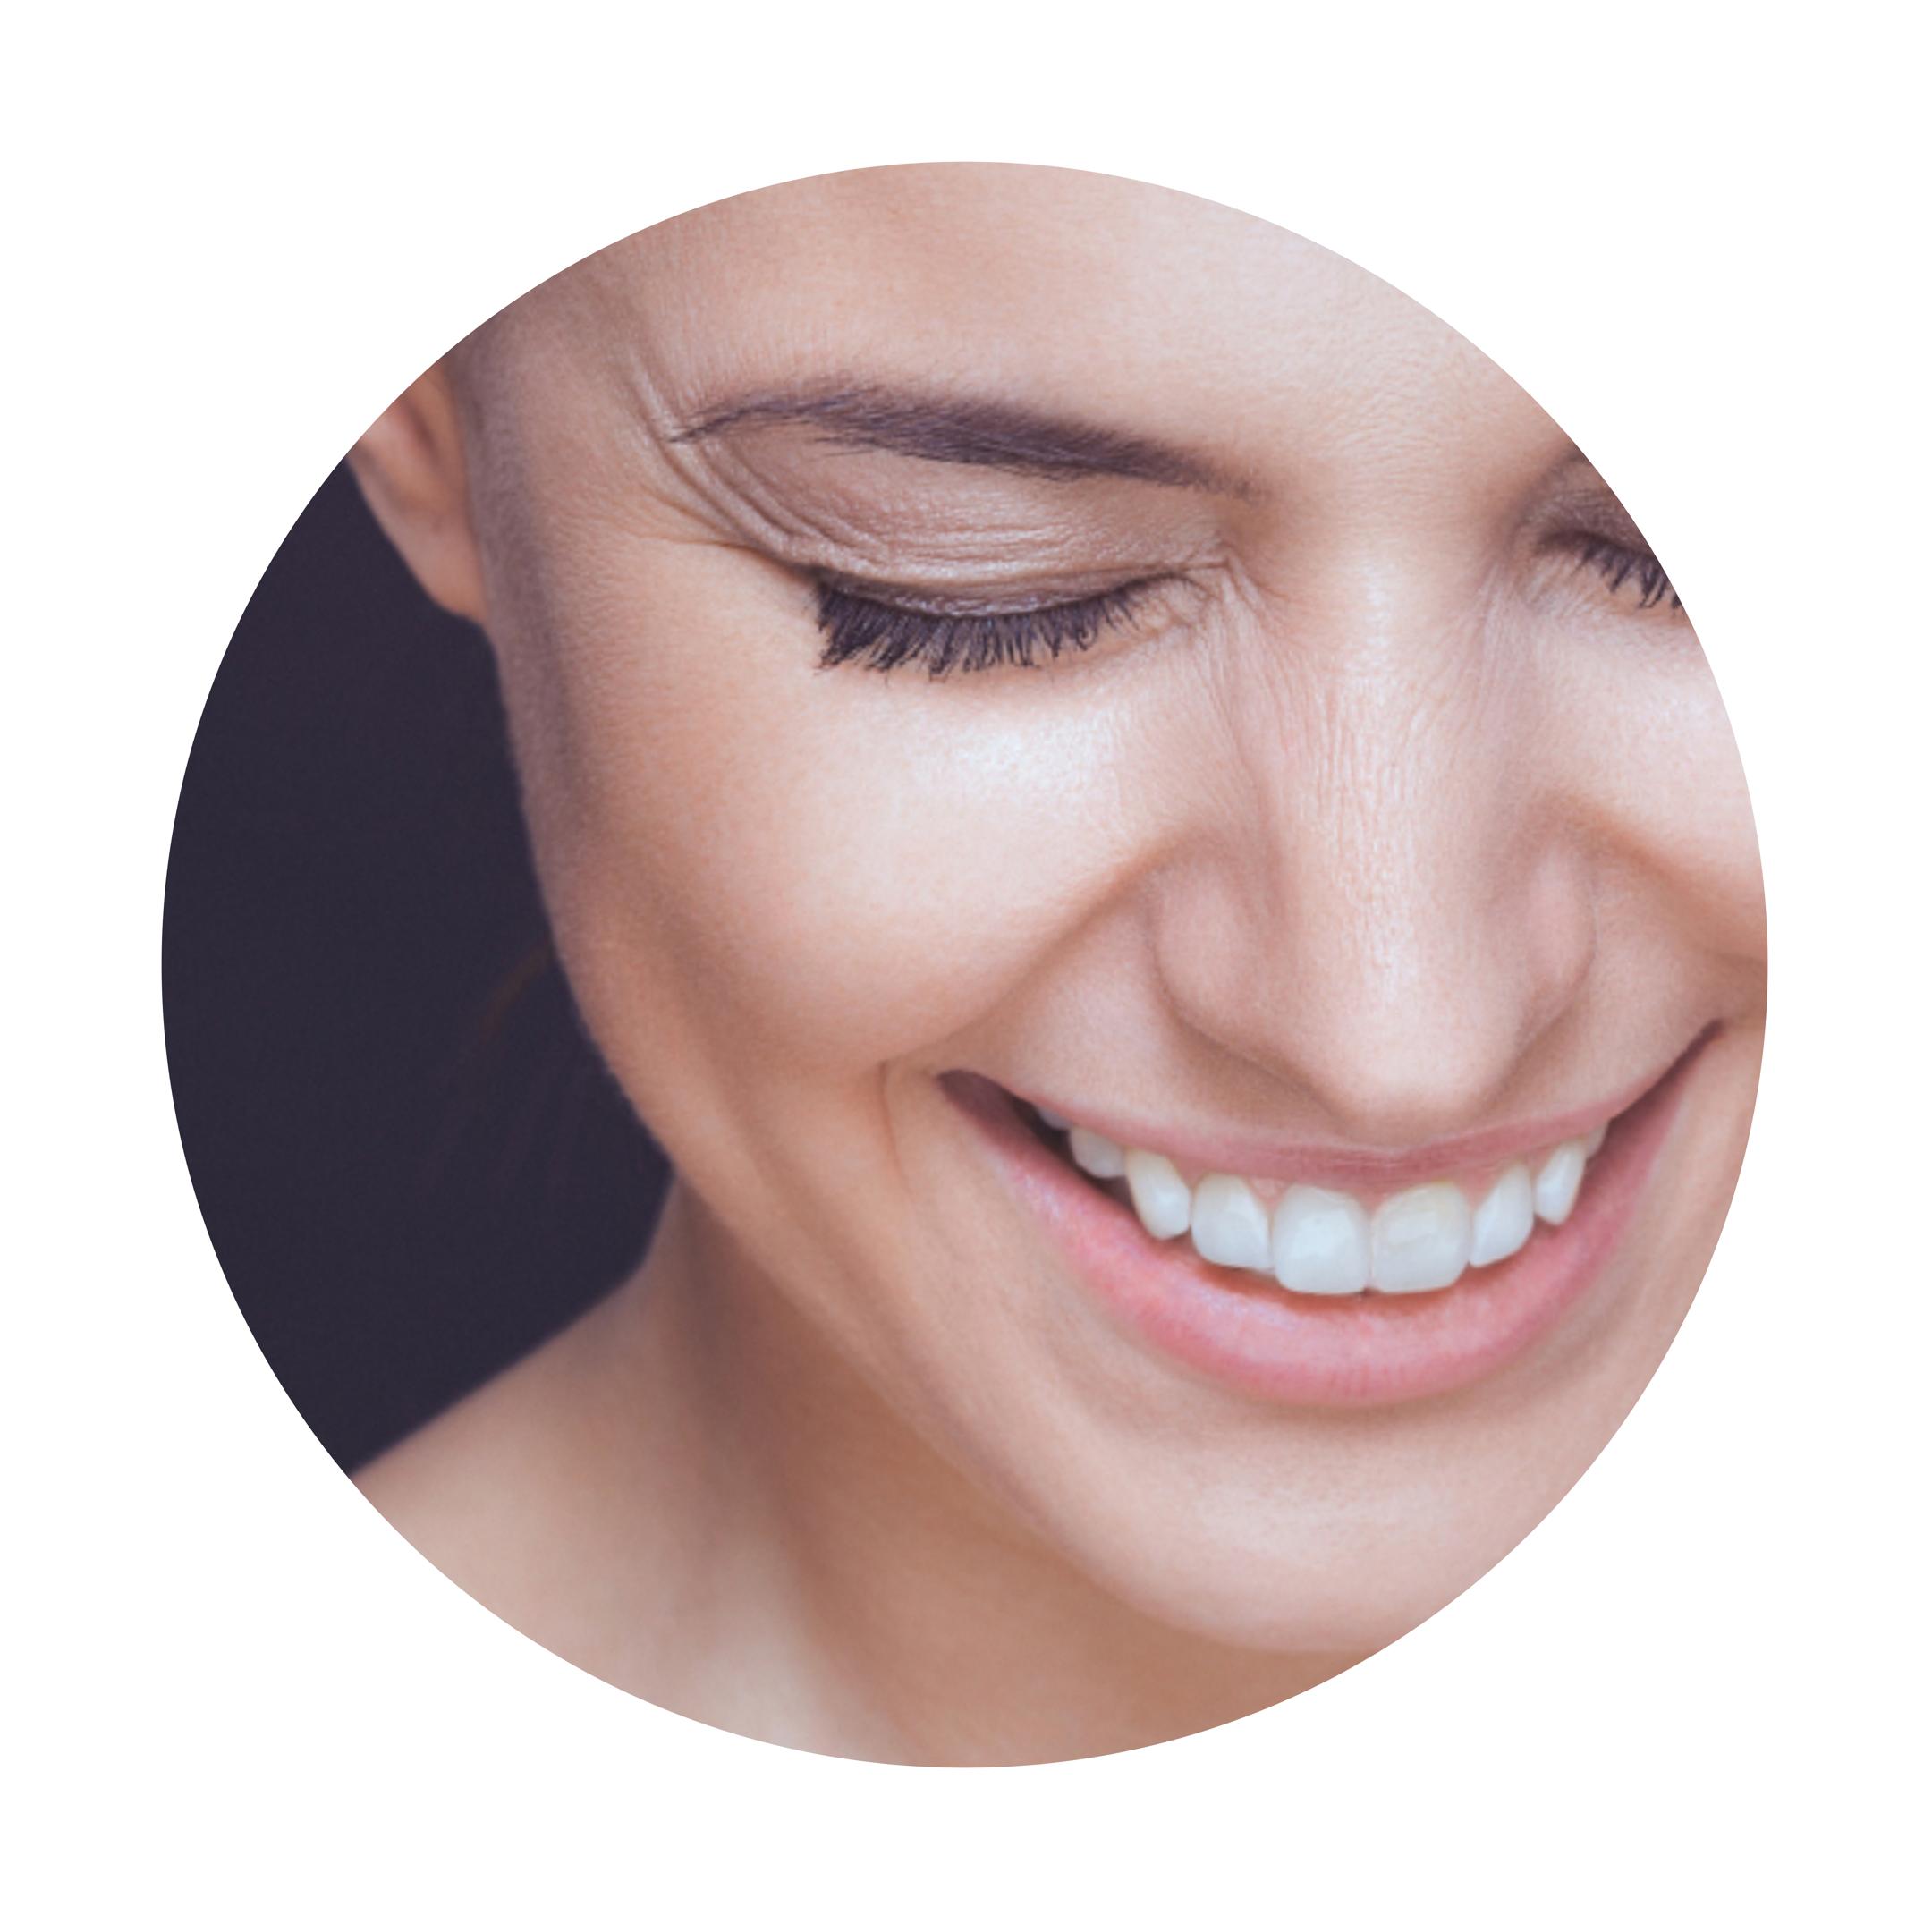 Aesthetics and Beauty Treatments